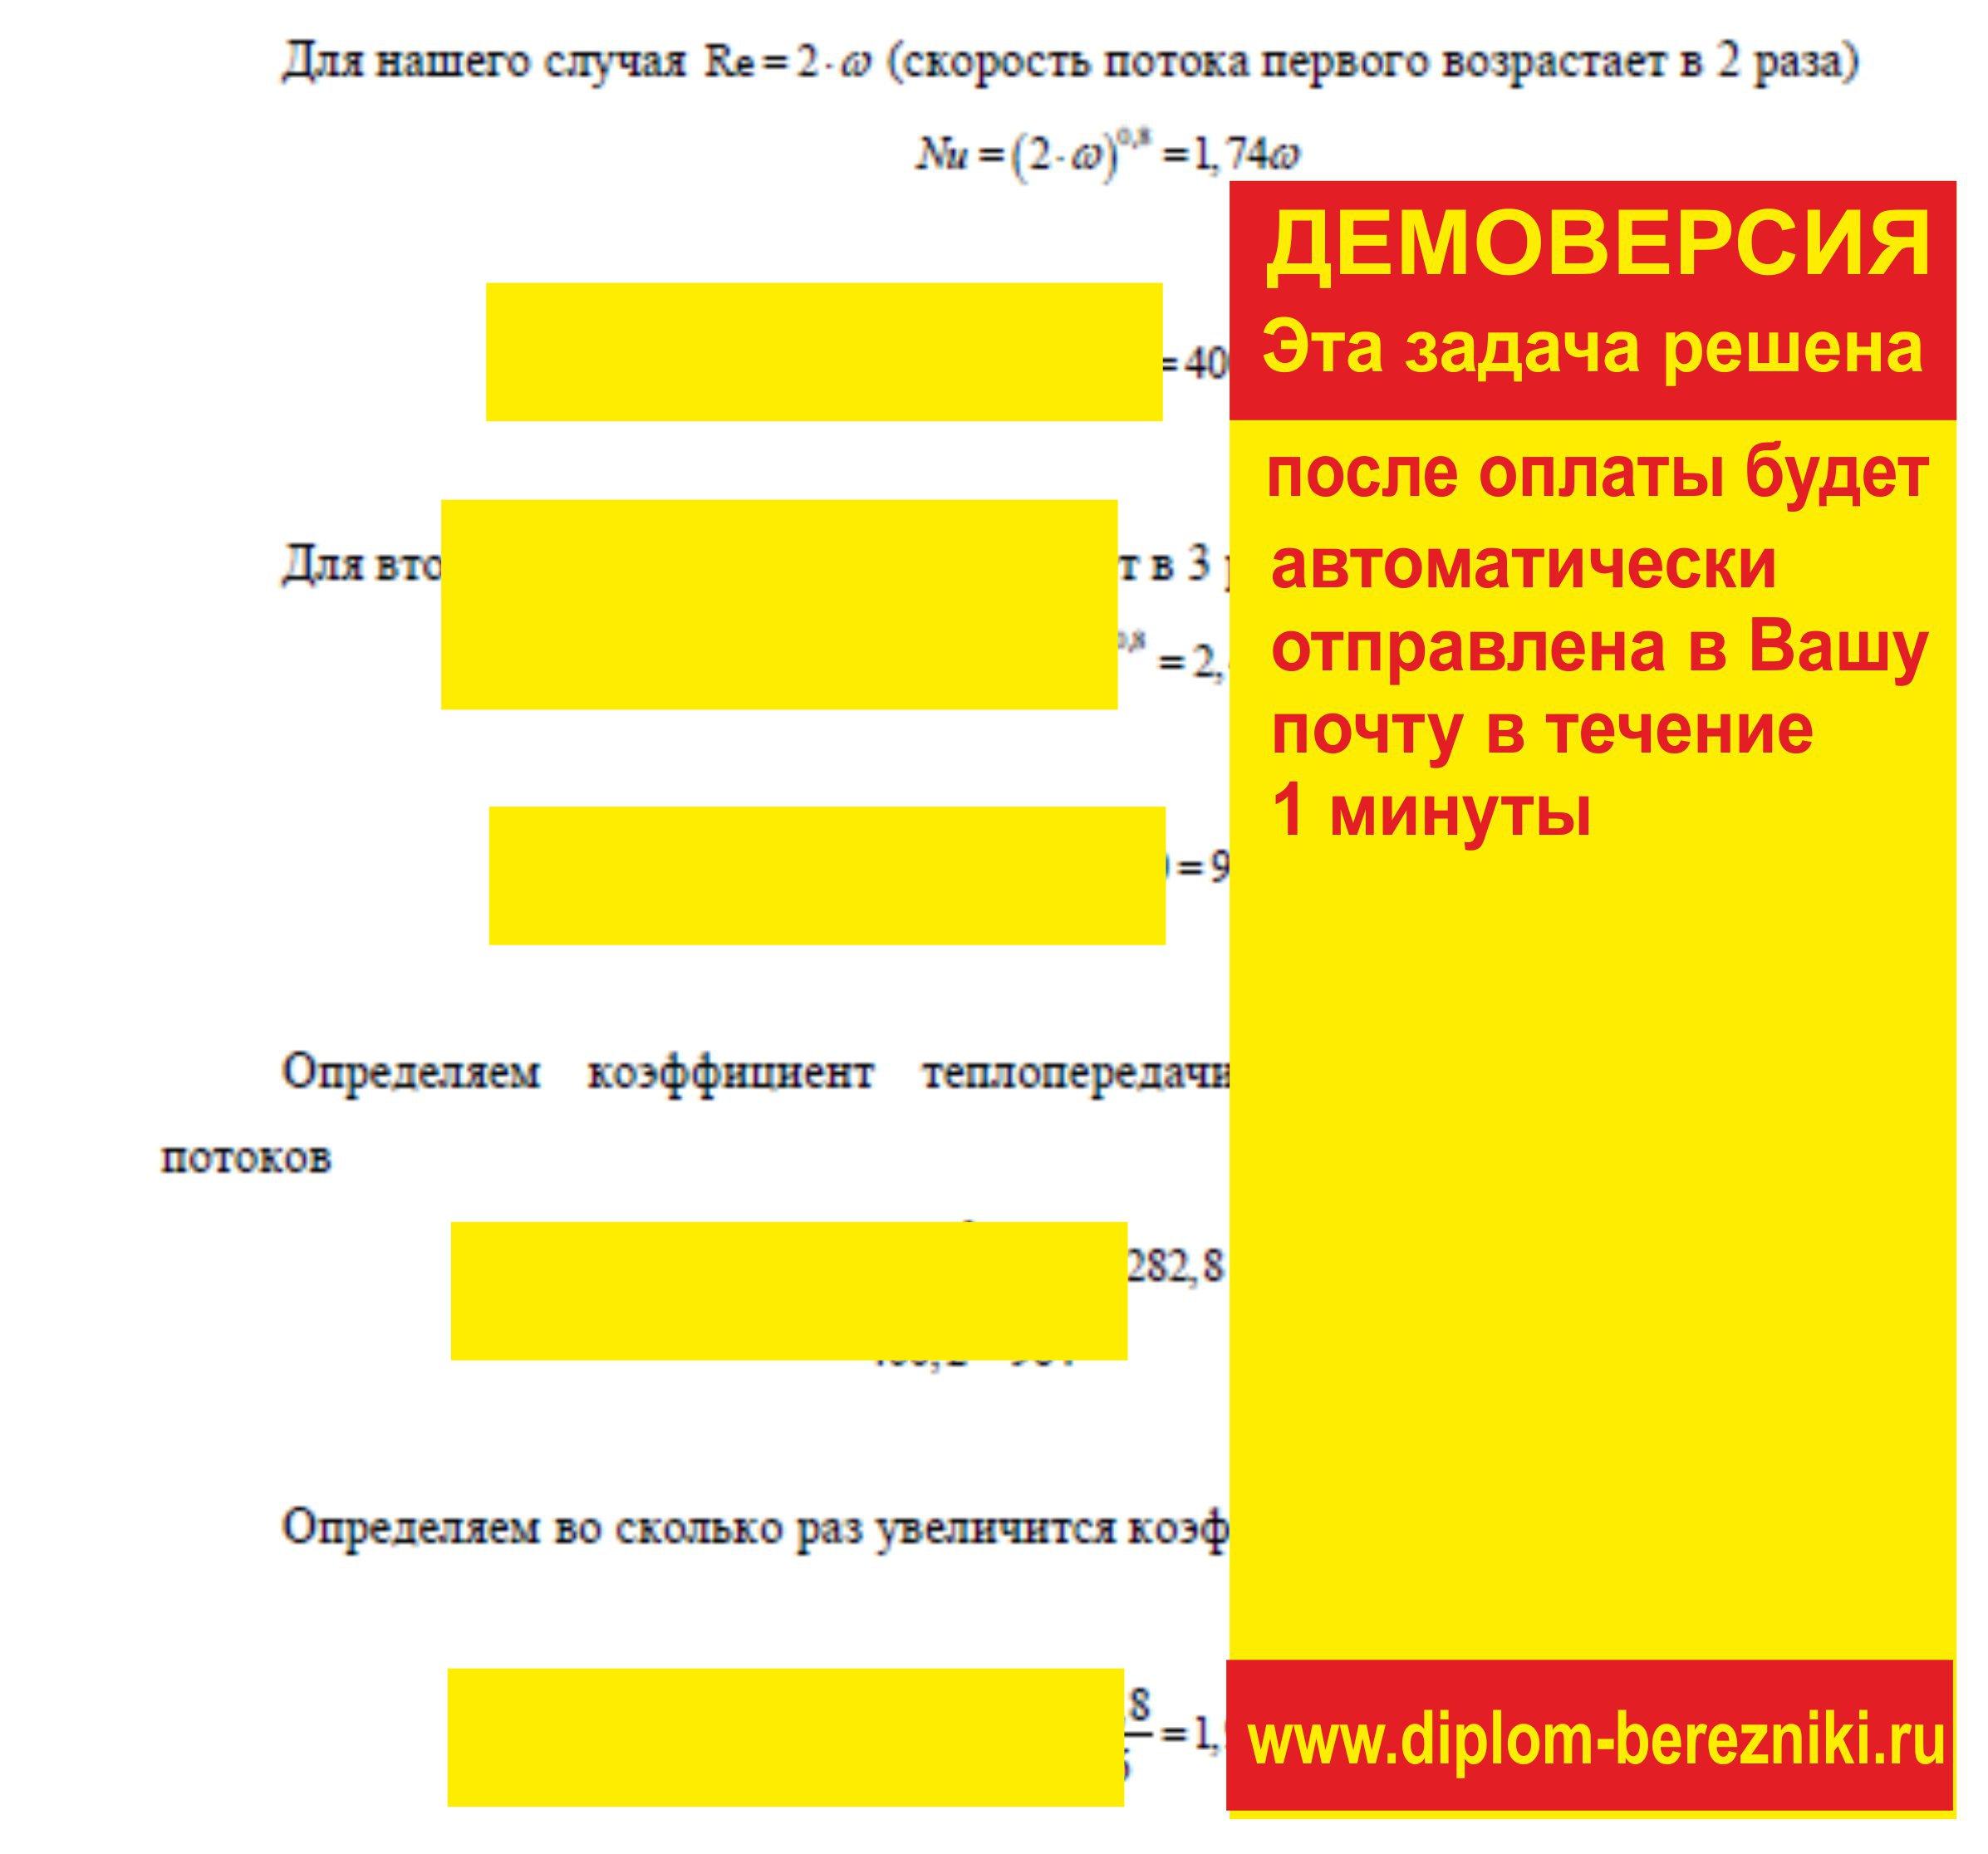 Решение задачи 4.28 по ПАХТ из задачника Павлова Романкова Носкова